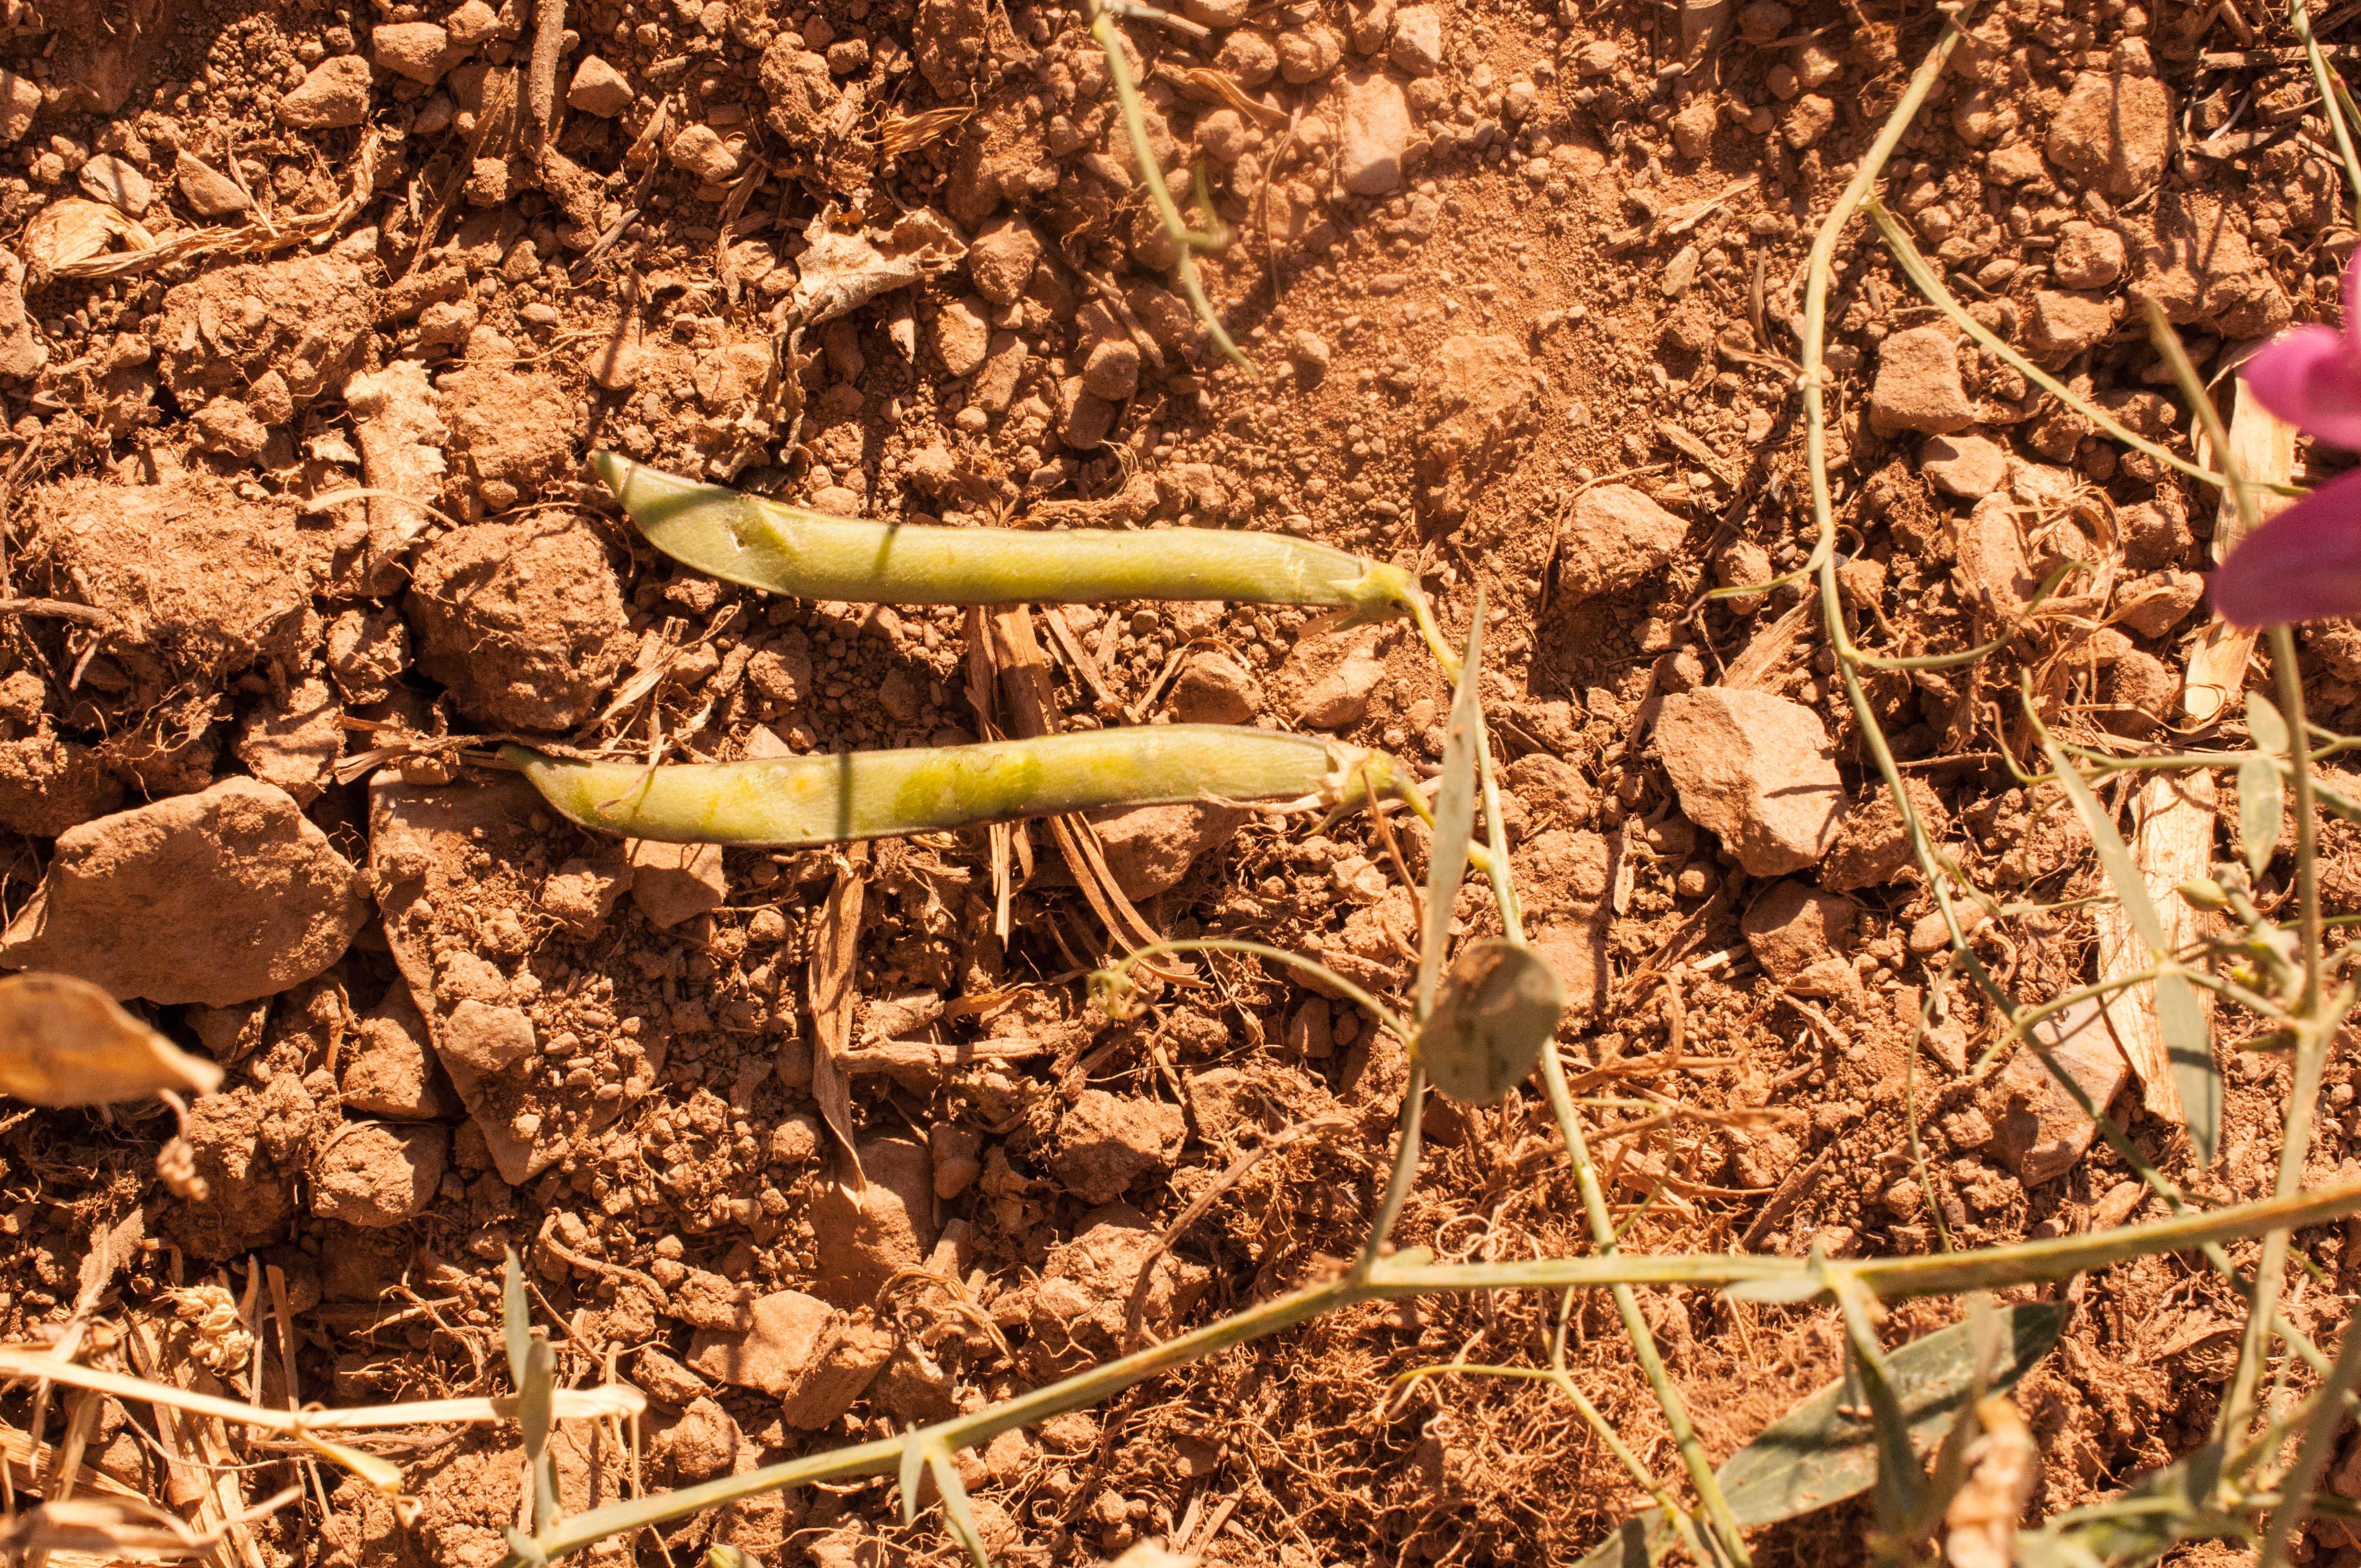 Lathyrus latifolius Las Obreras de Aliste